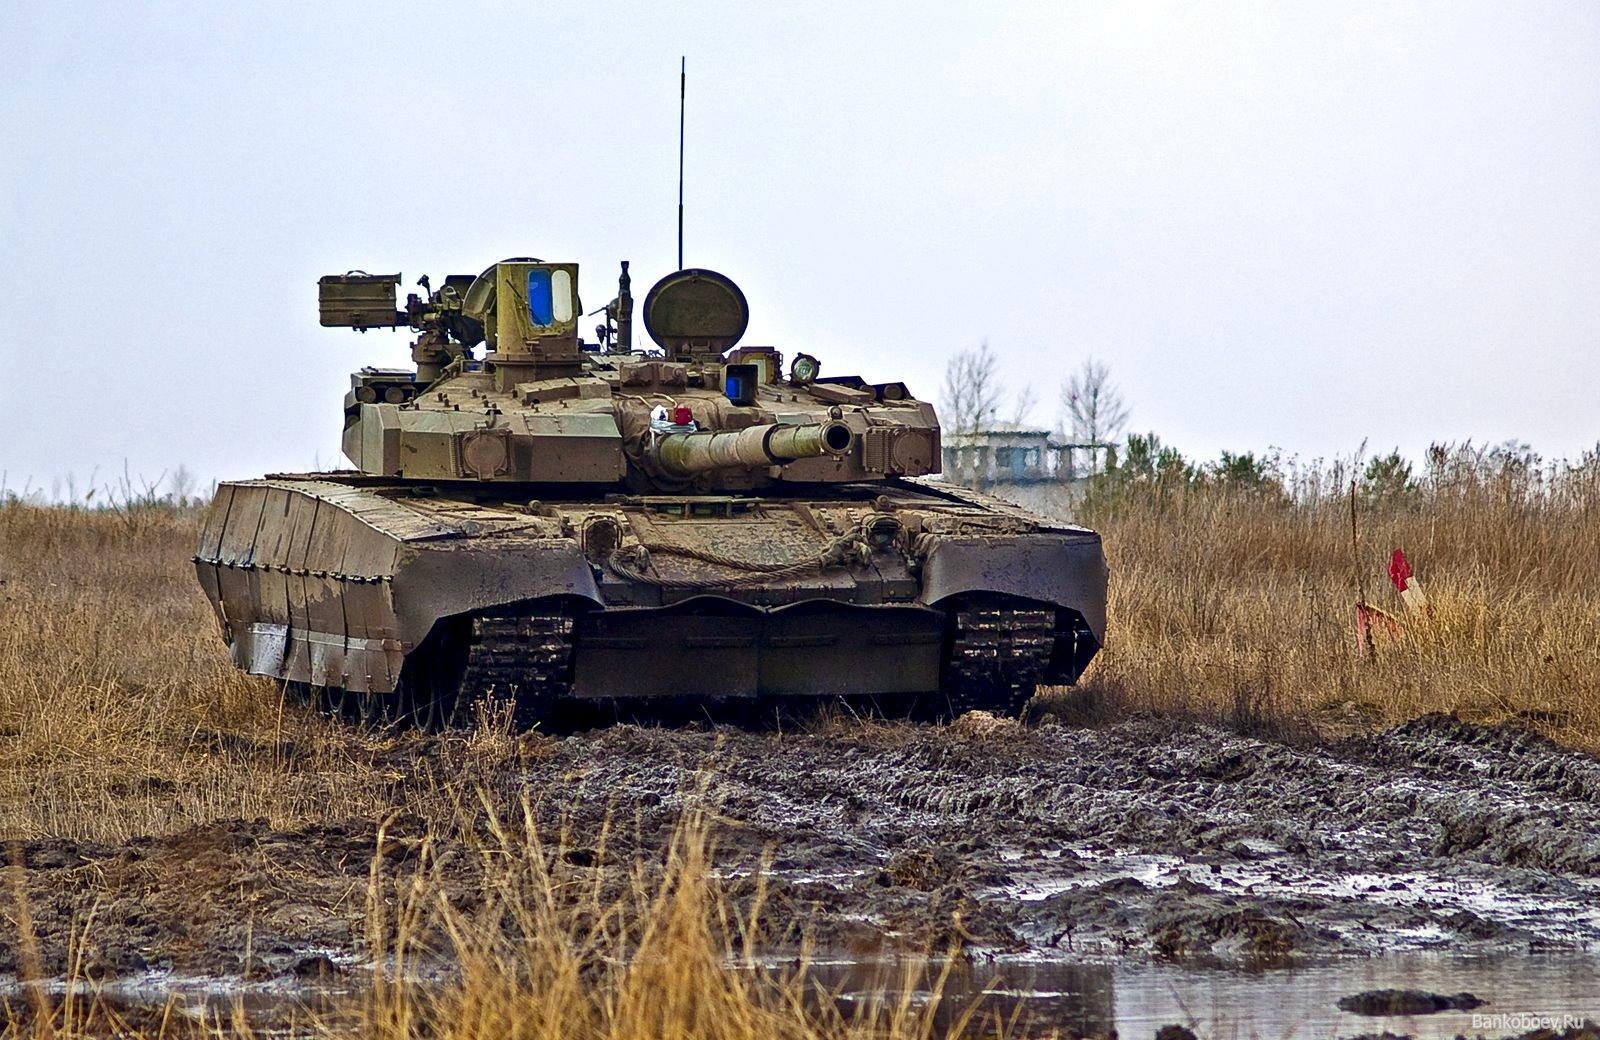 В 2018-ом году ВСУ получат 10 танков «Оплот»